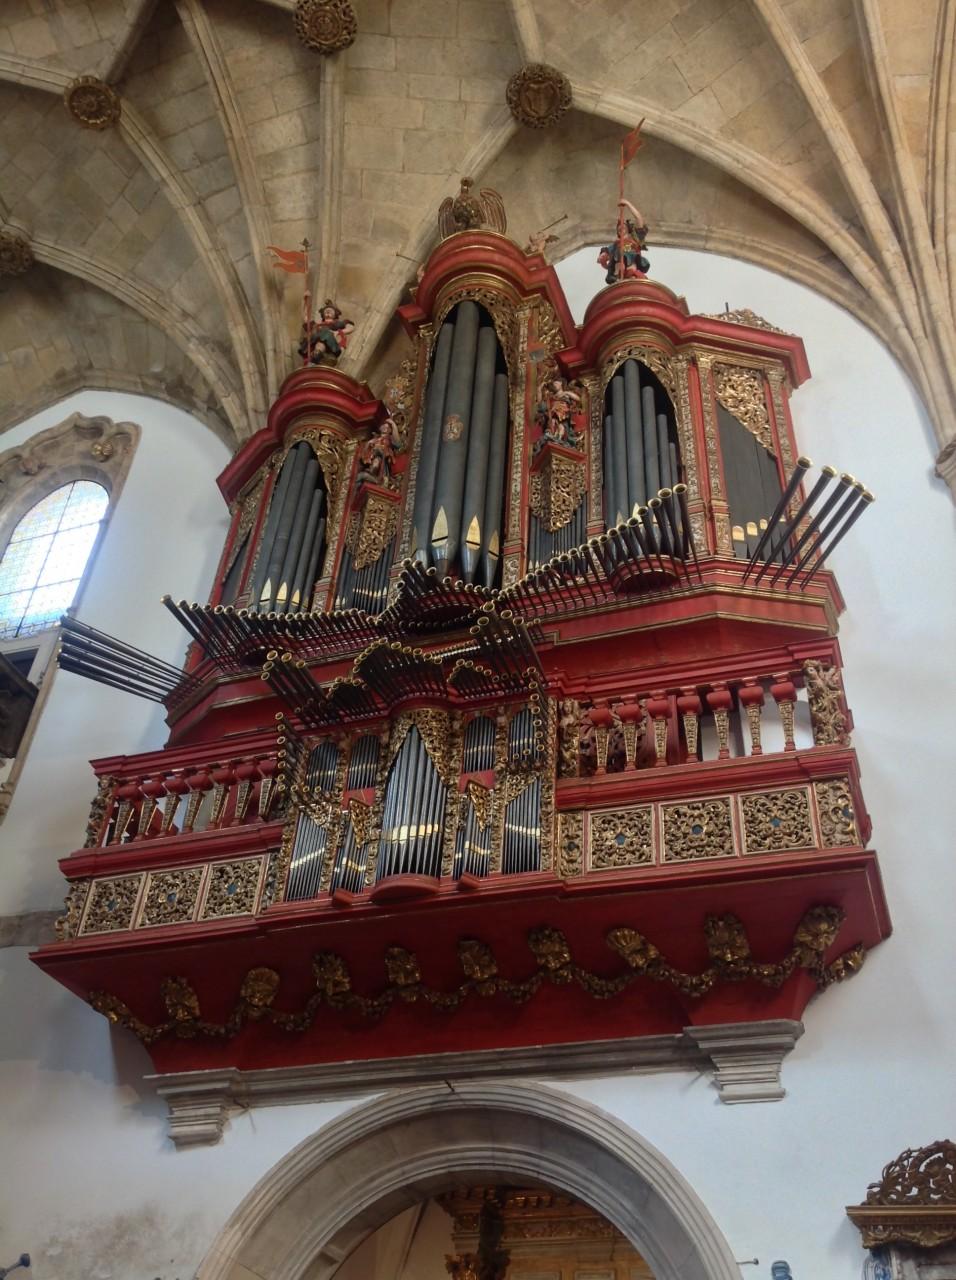 Как он красив! Нашла в одной из церквей Португалии.